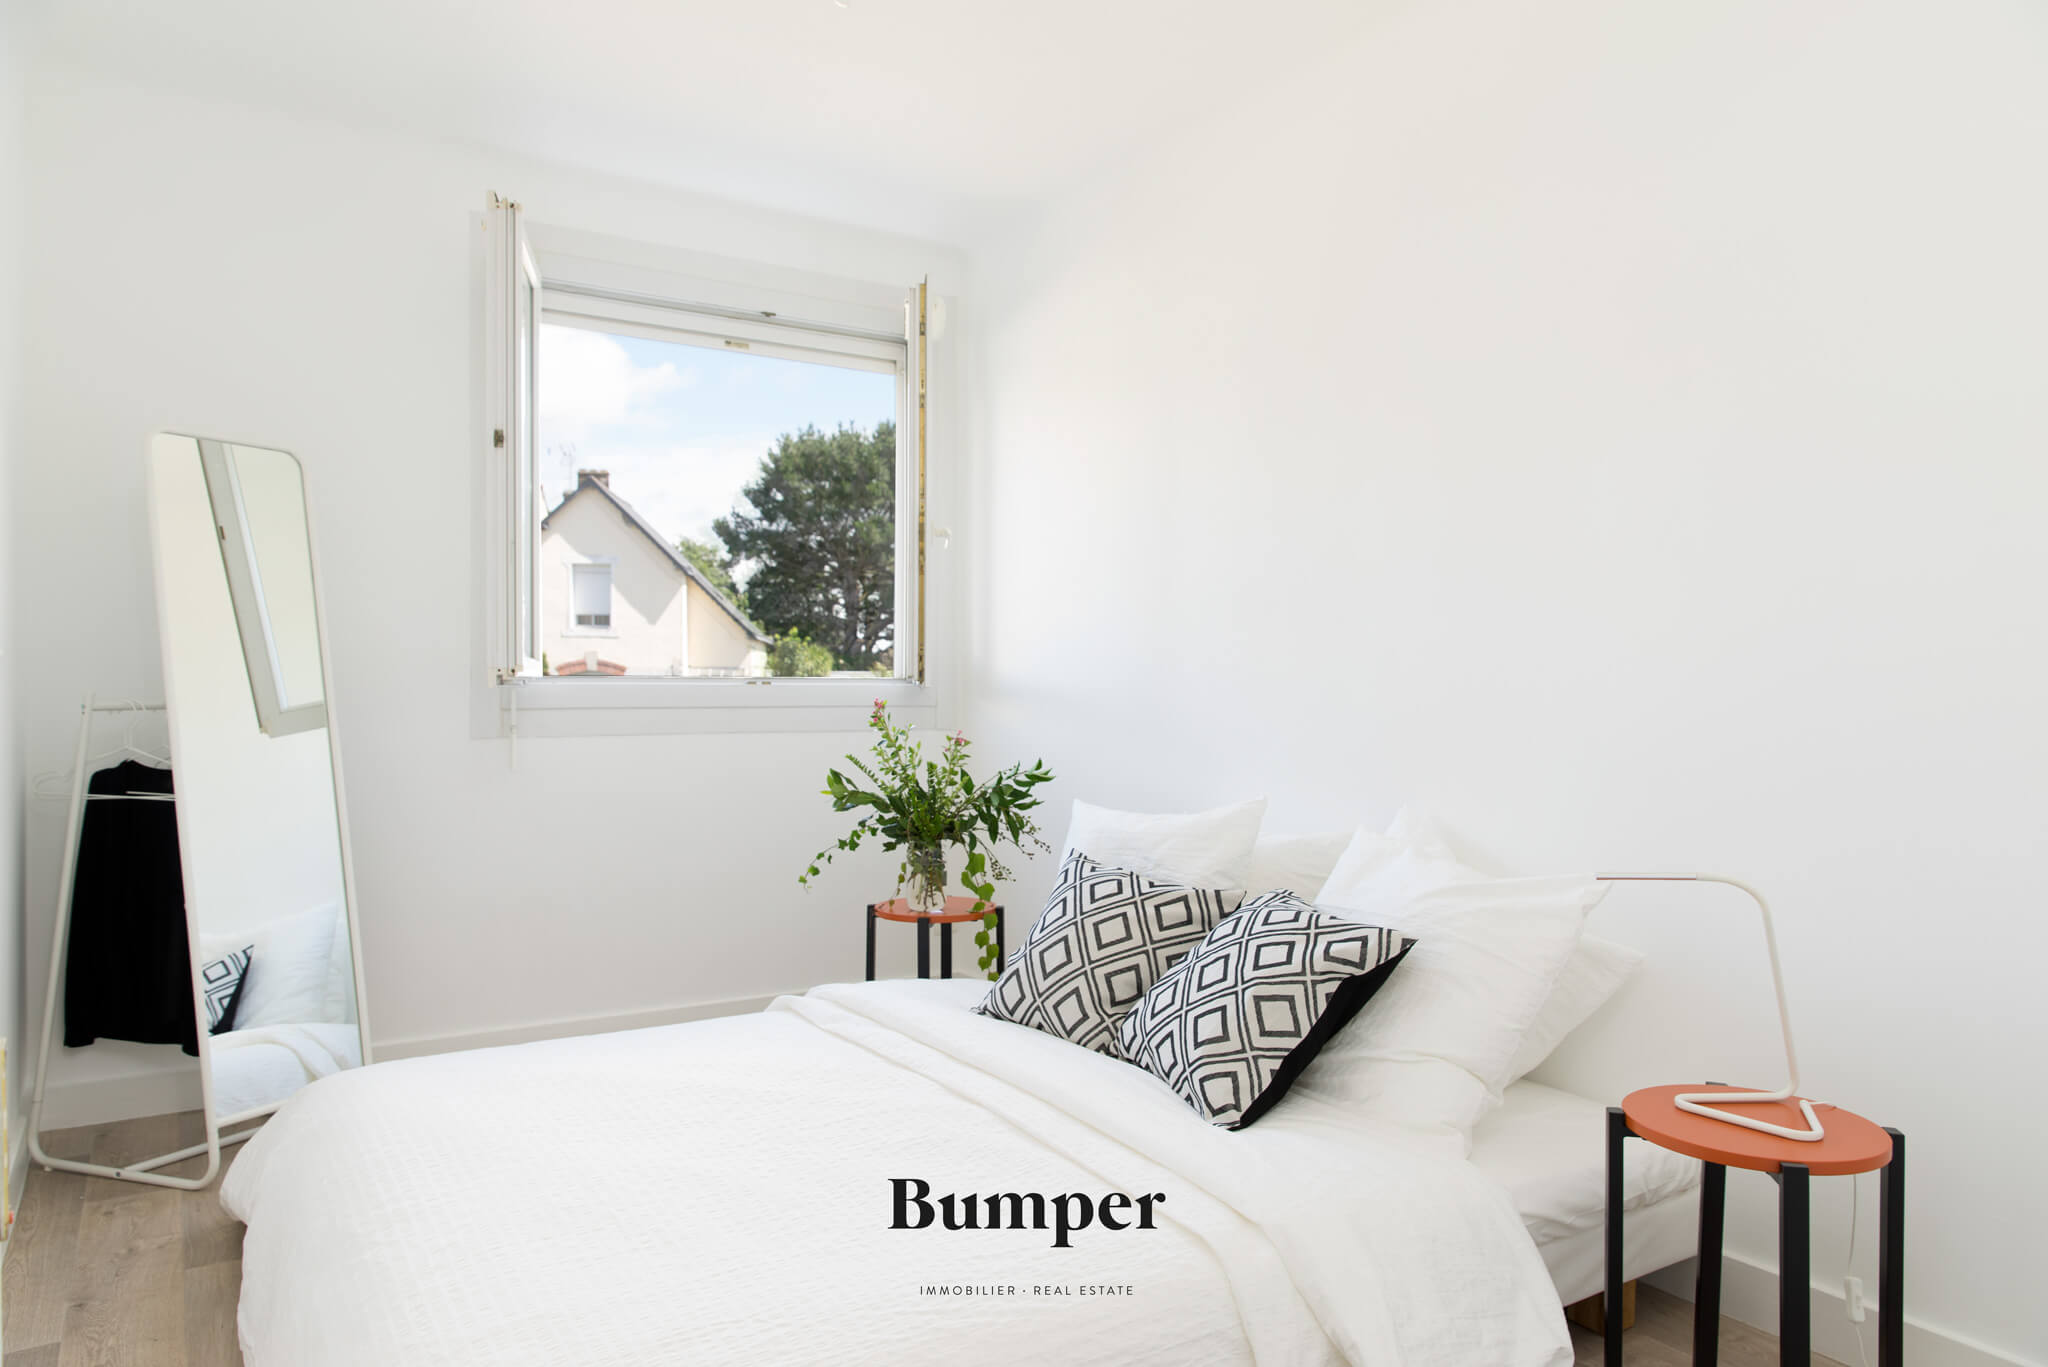 vannes-bumper-france-immobilier-lyon-appartement-avendre-T4chambre1.jpg